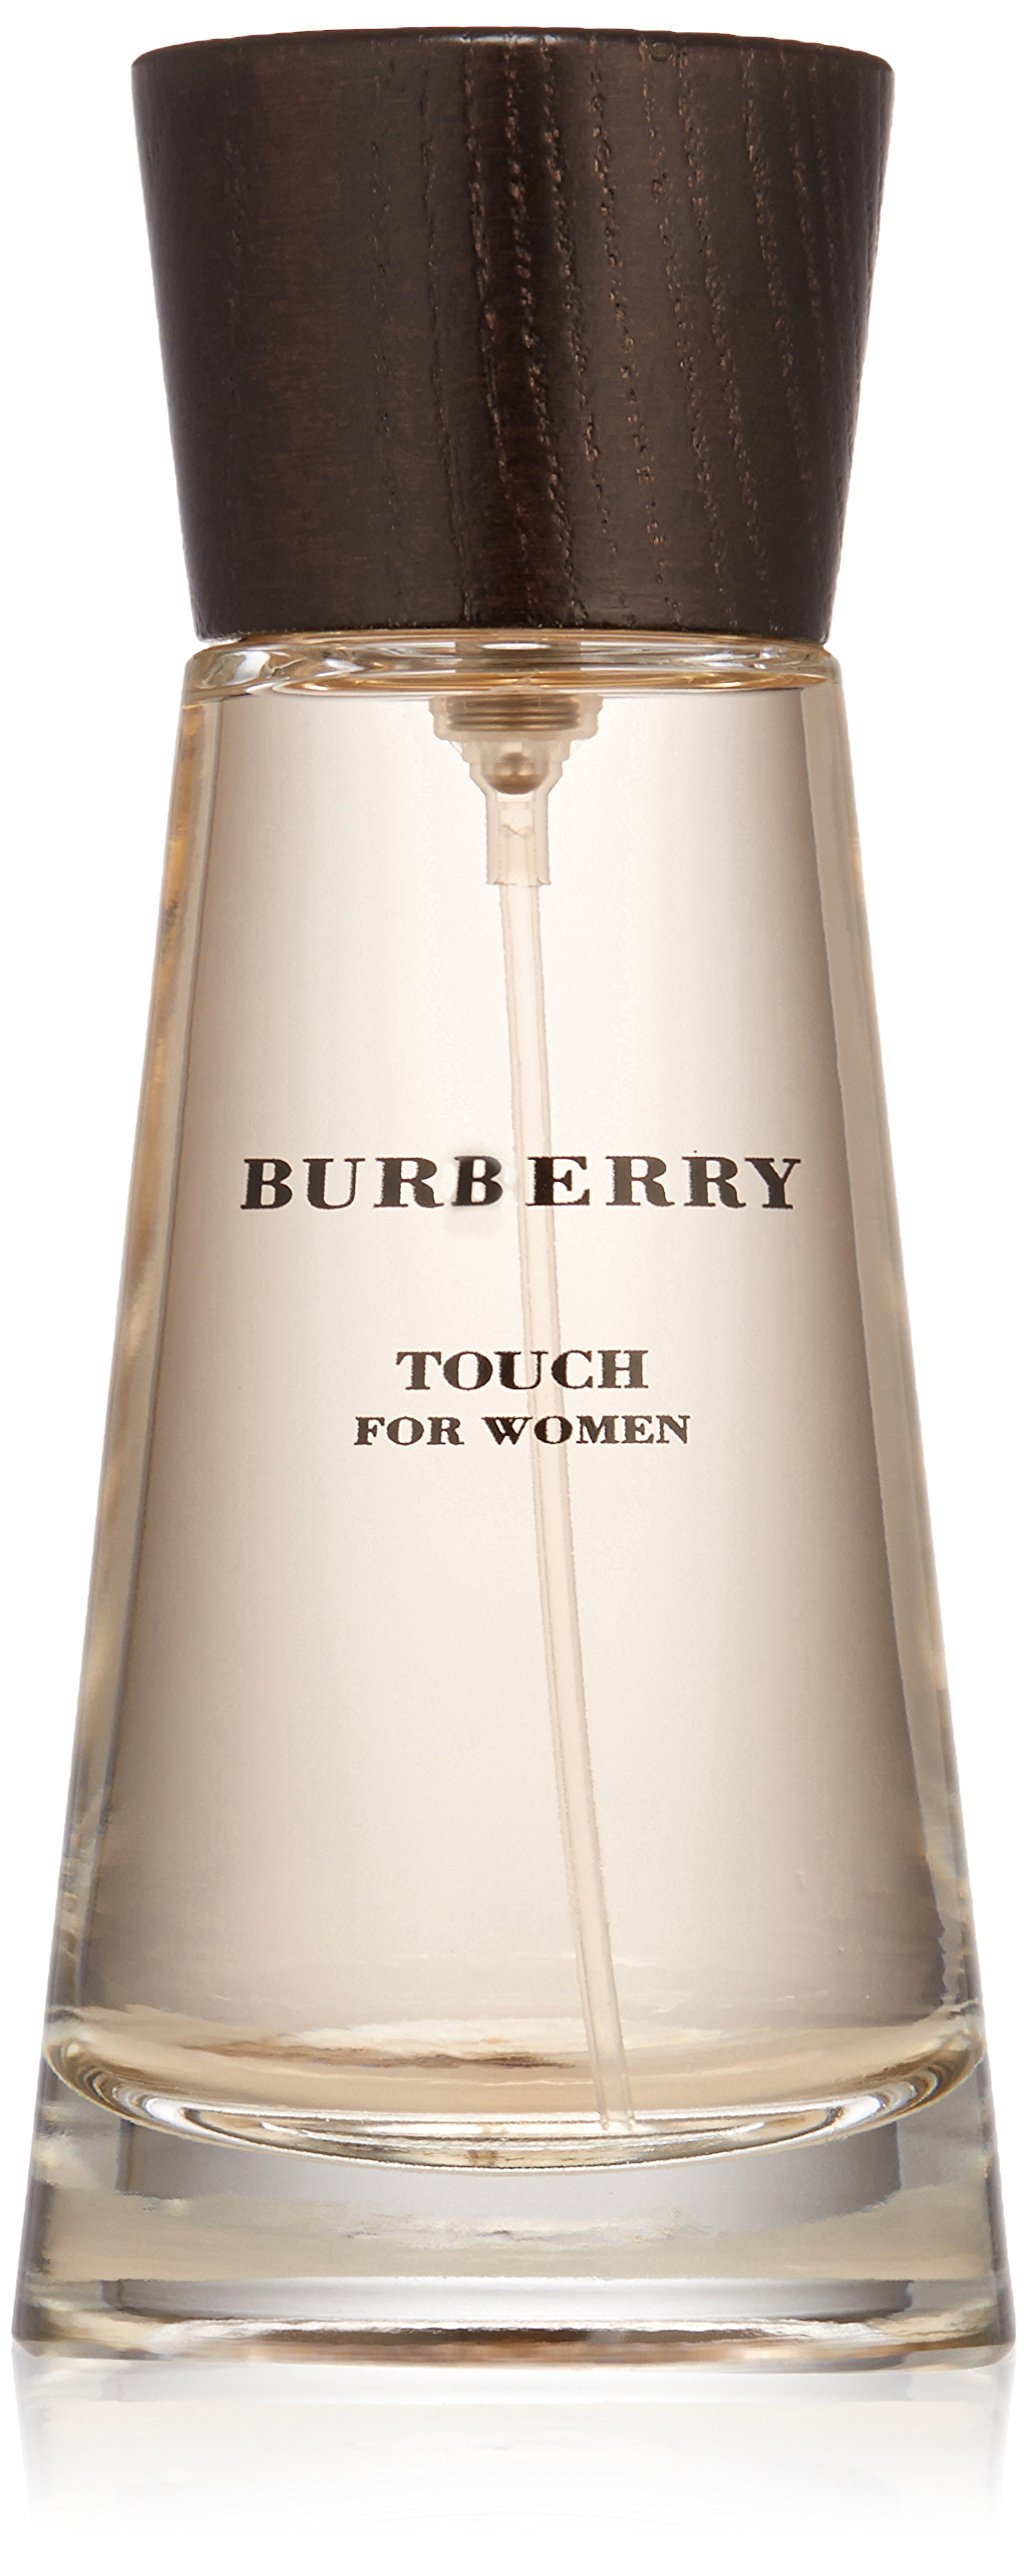 BURBERRY Touch Eau De Parfum for Women